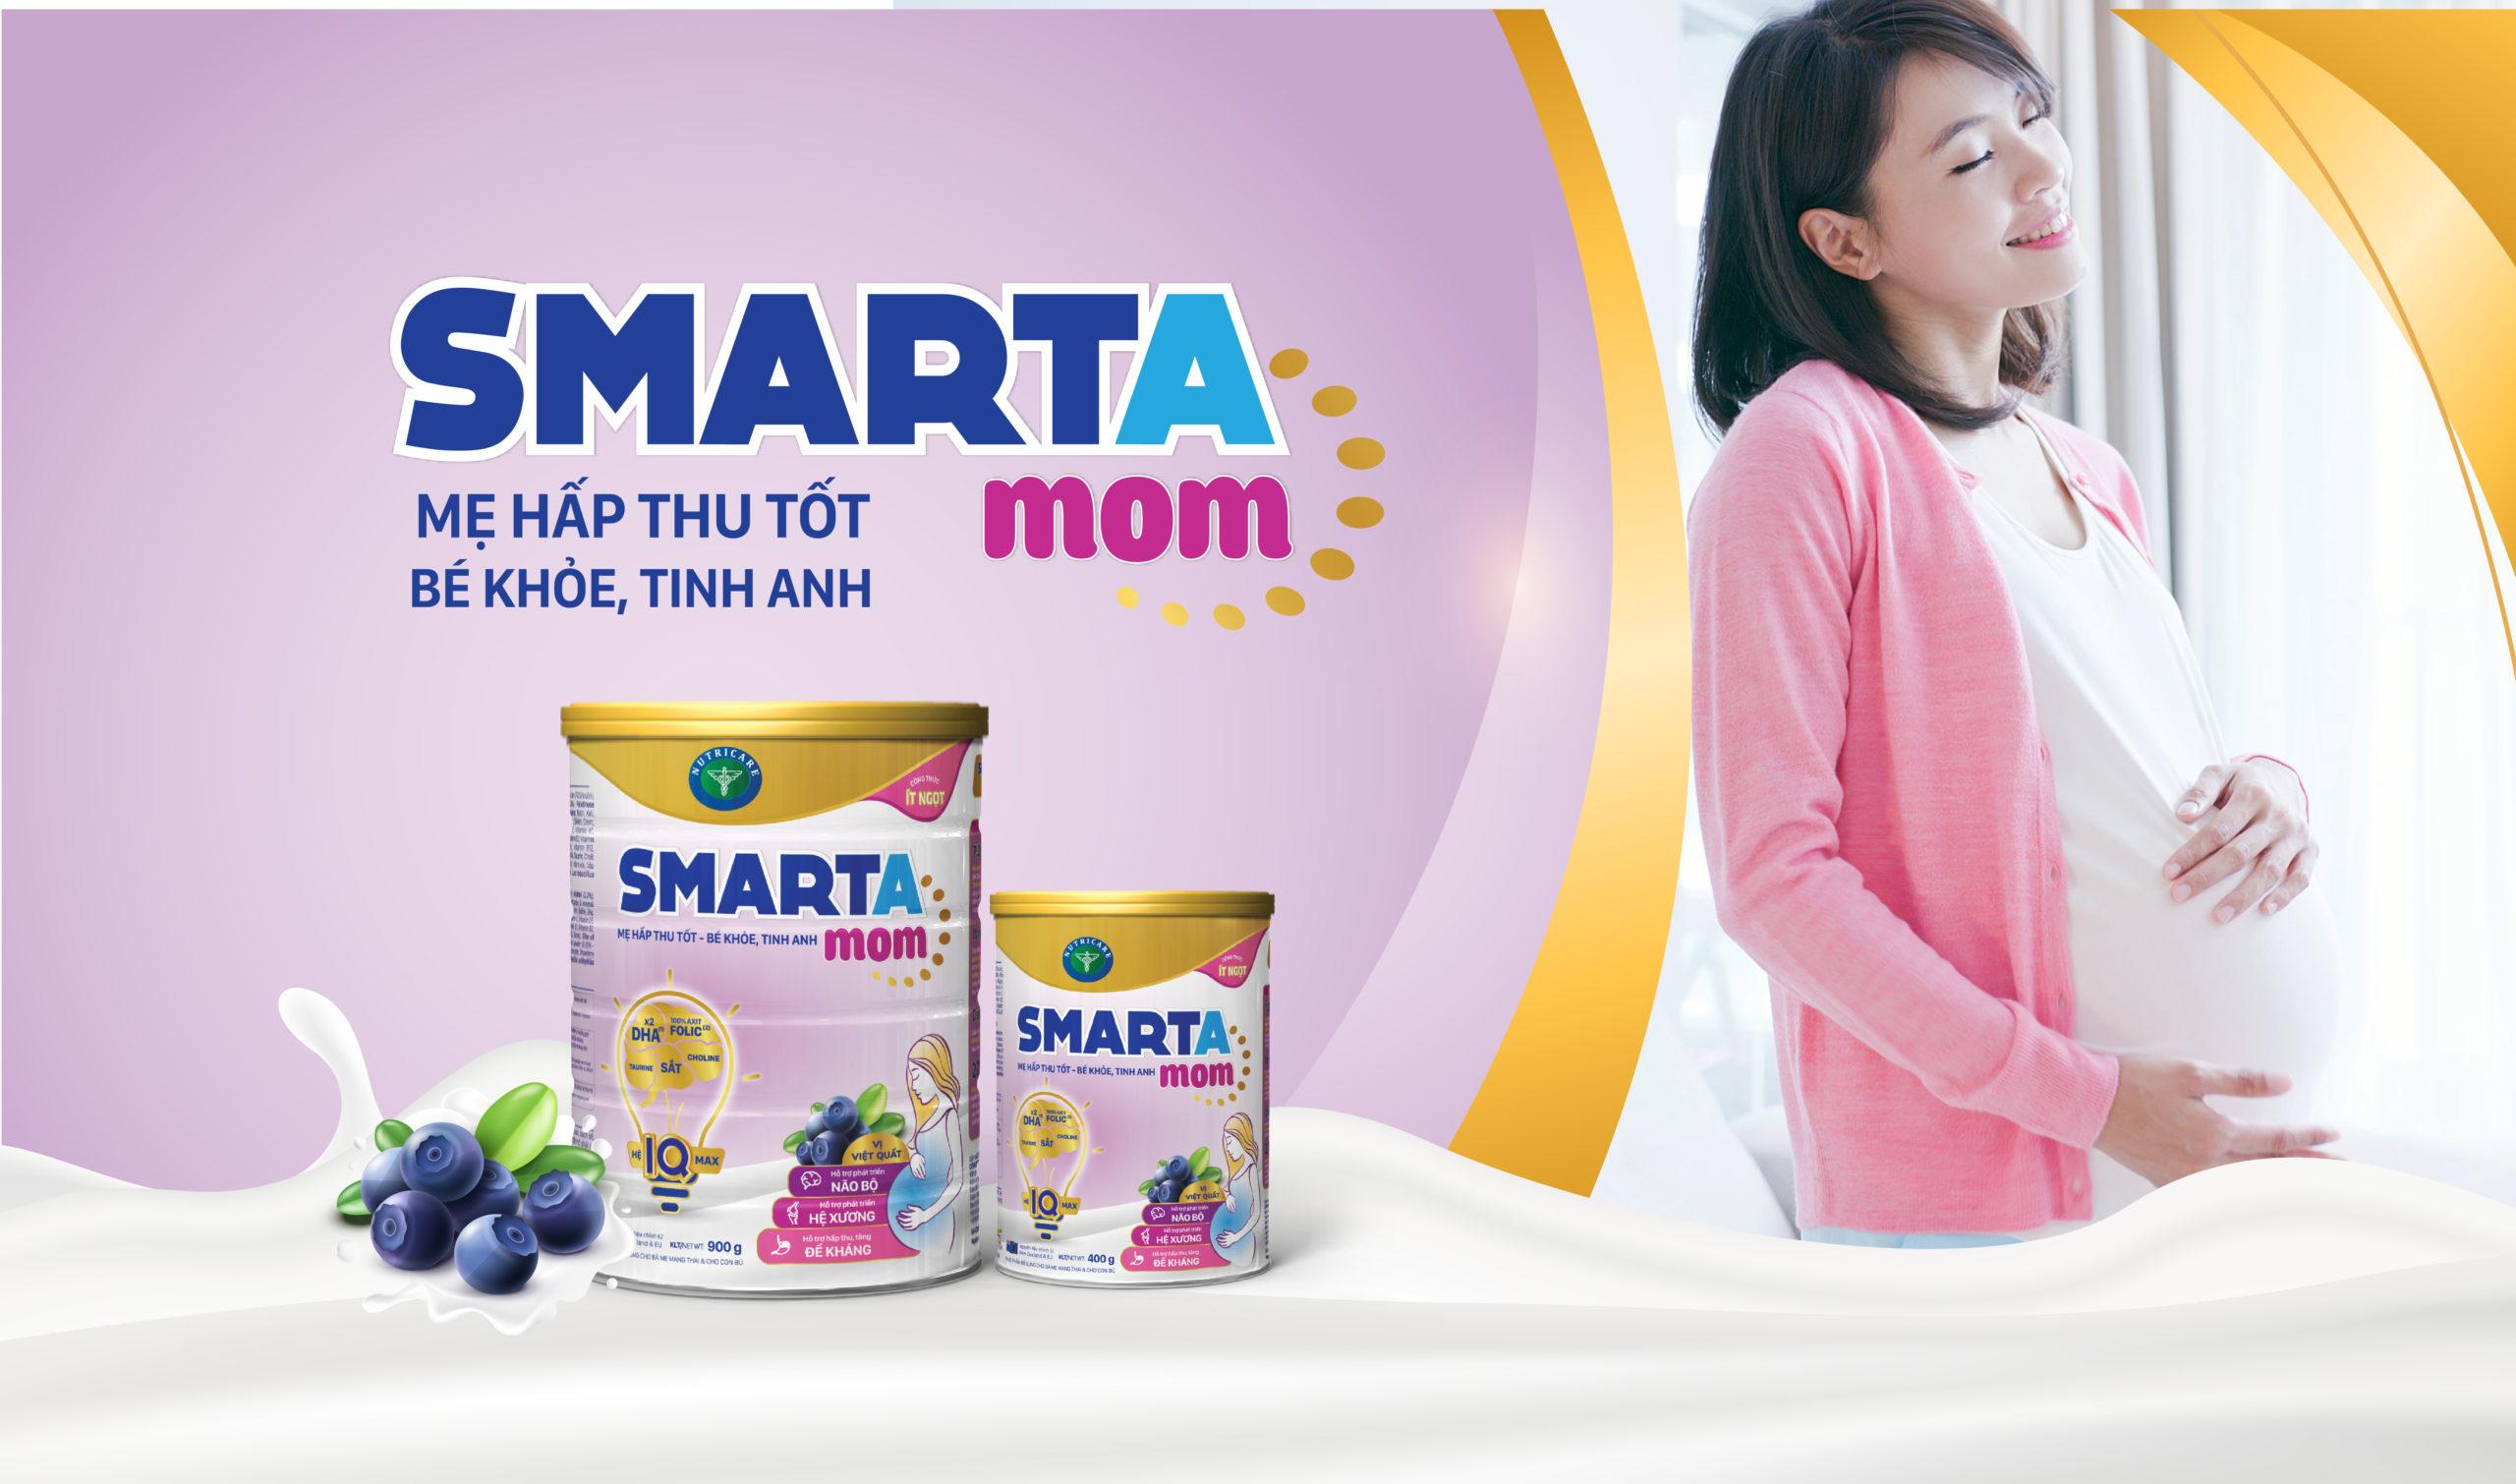 Smarta Mom - Giải pháp dinh dưỡng mới cho mẹ bầu